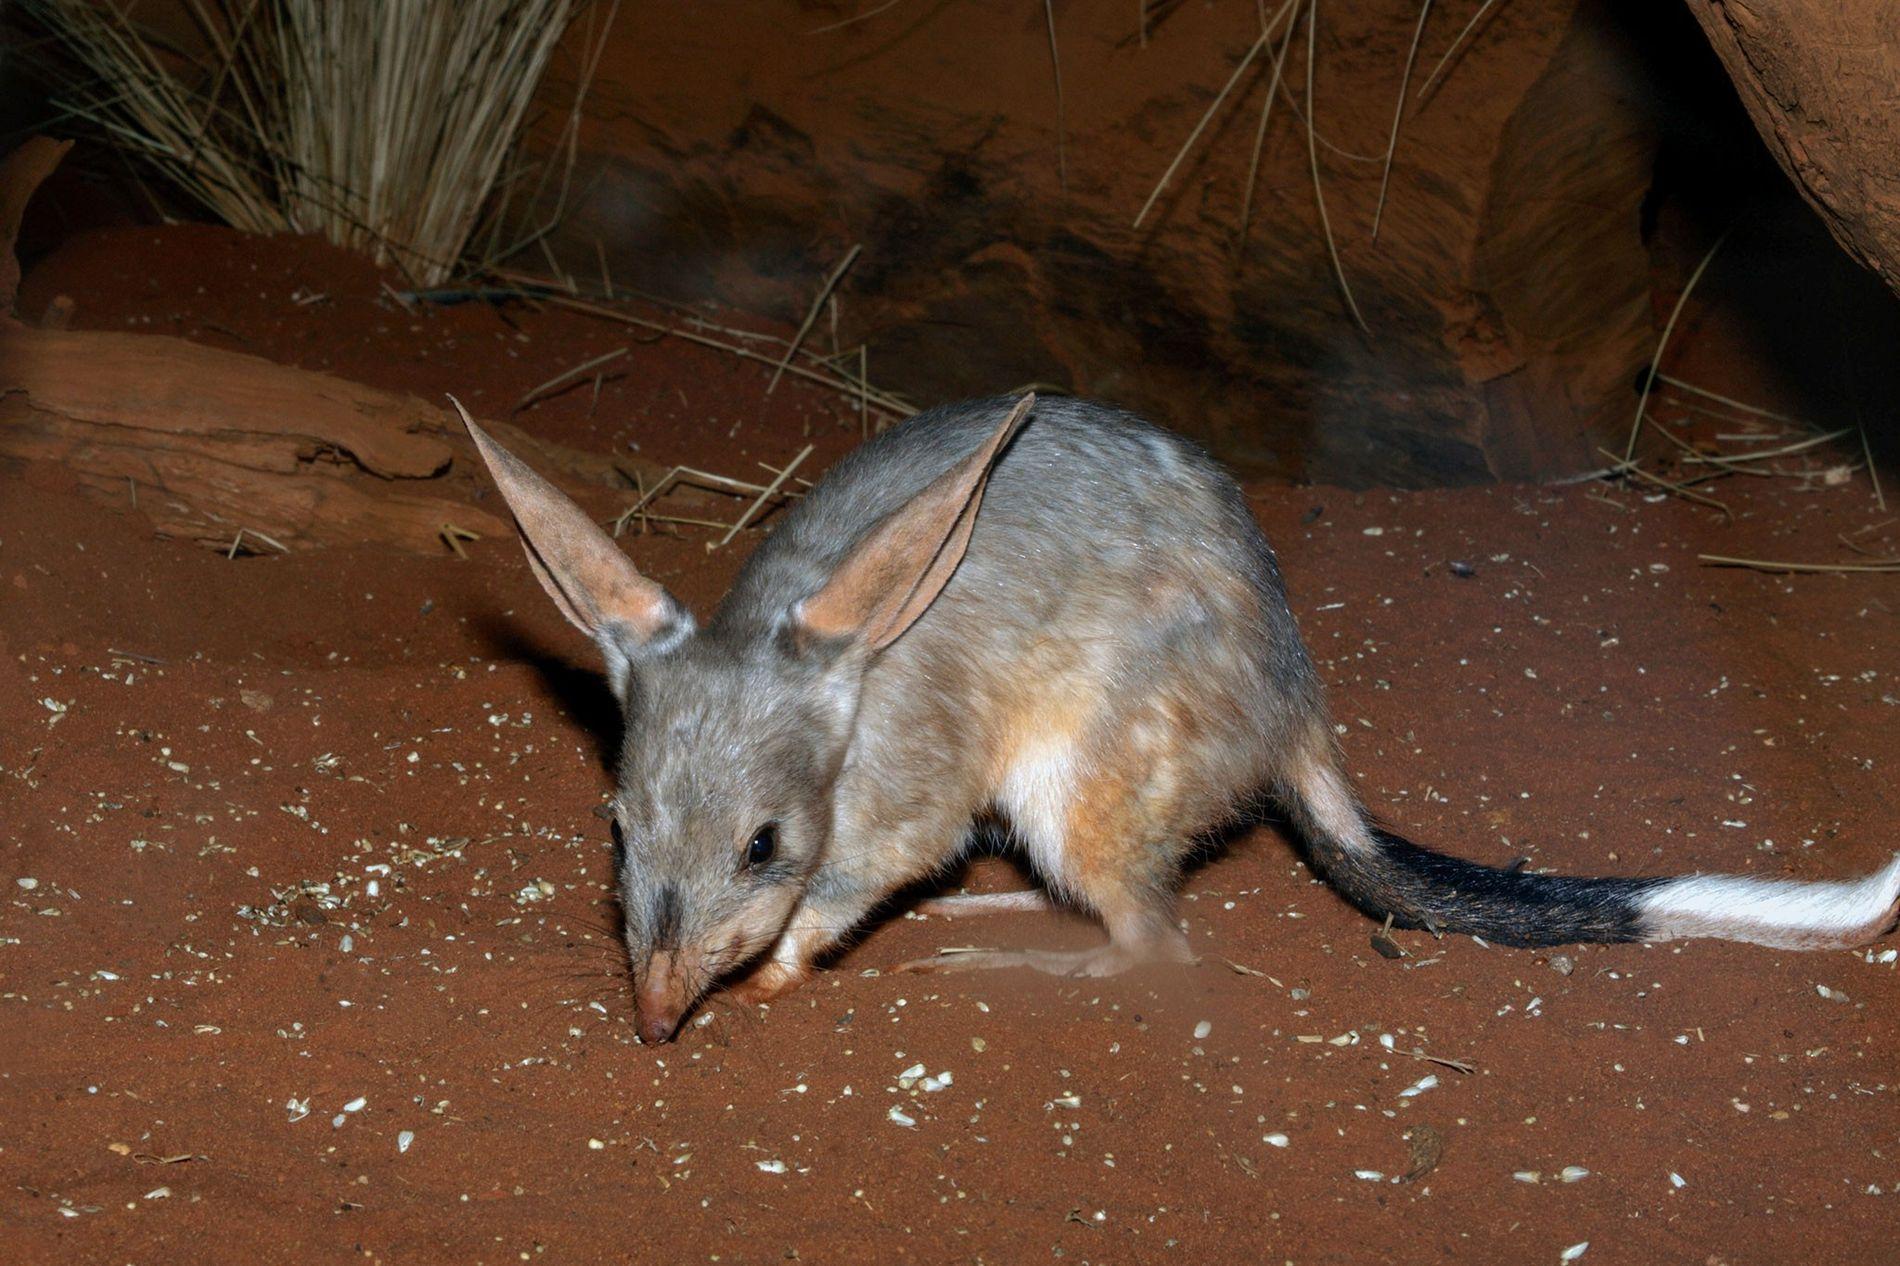 Un bilbi mayor, un marsupial originario de Australia, cava complejas madrigueras para combatir el calor.